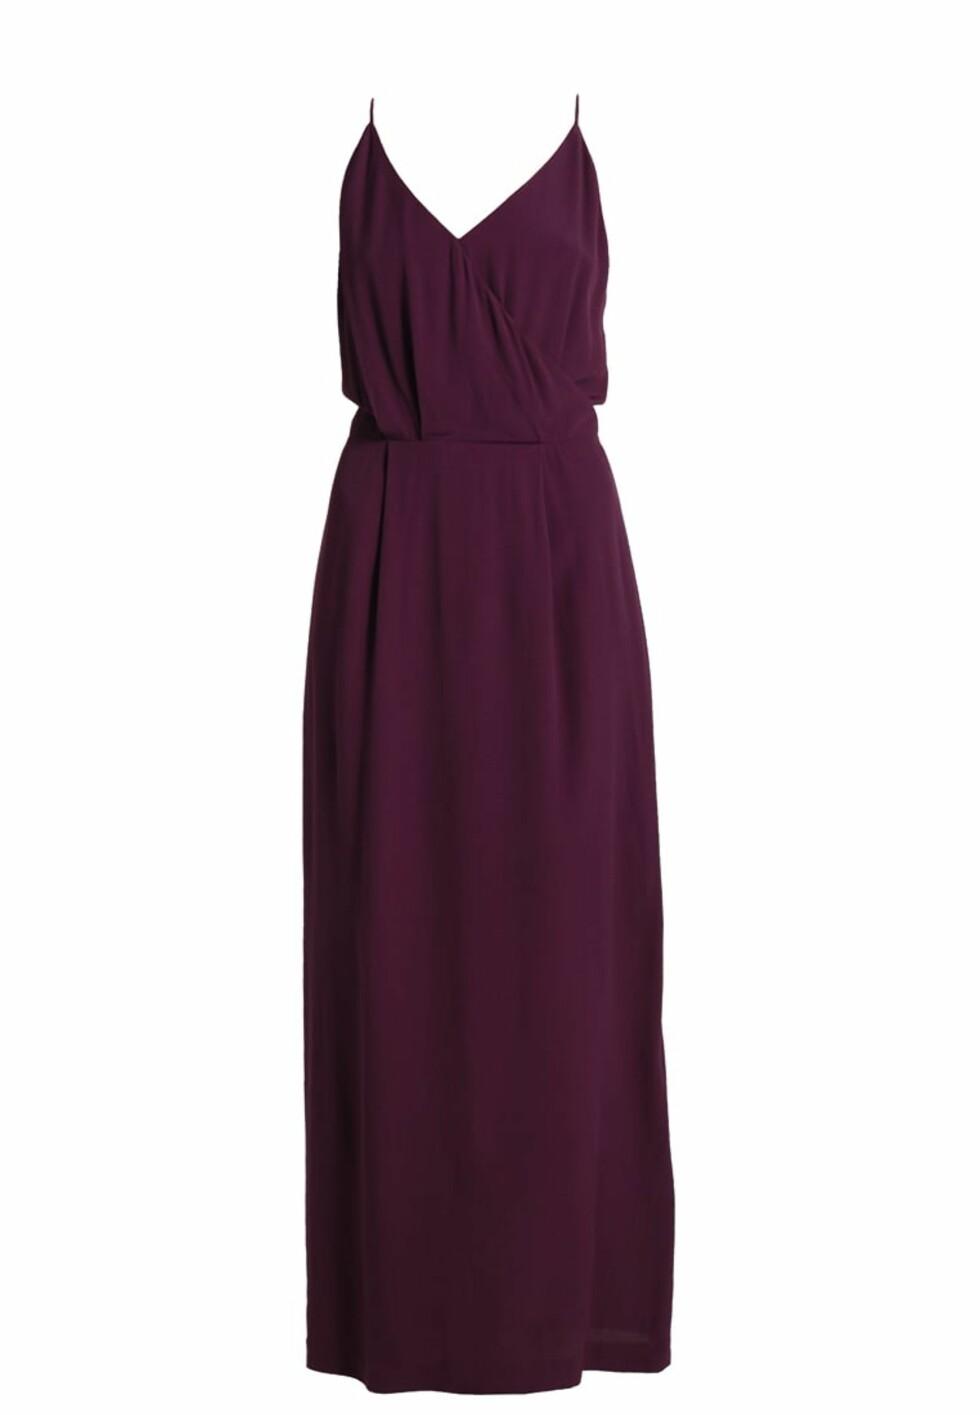 Kjole fra Samsøe Samsøe |1495,-| https://www.zalando.no/samsoe-and-samsoe-kjole-potent-purple-sa321c04h-i11.html